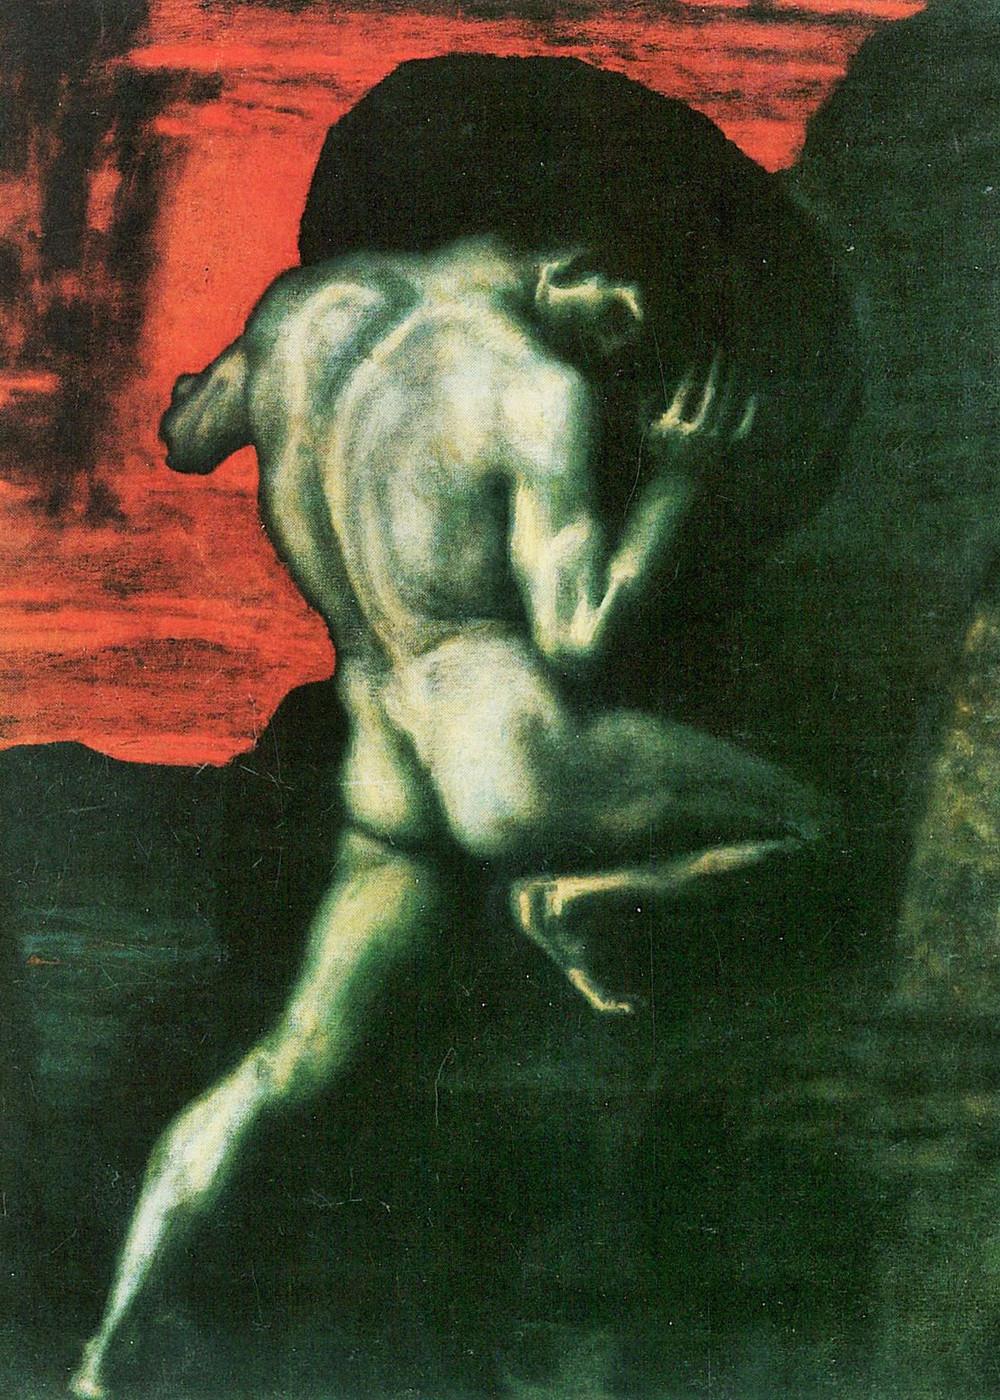 Franz Von Stuck, Sisyphus, 1920